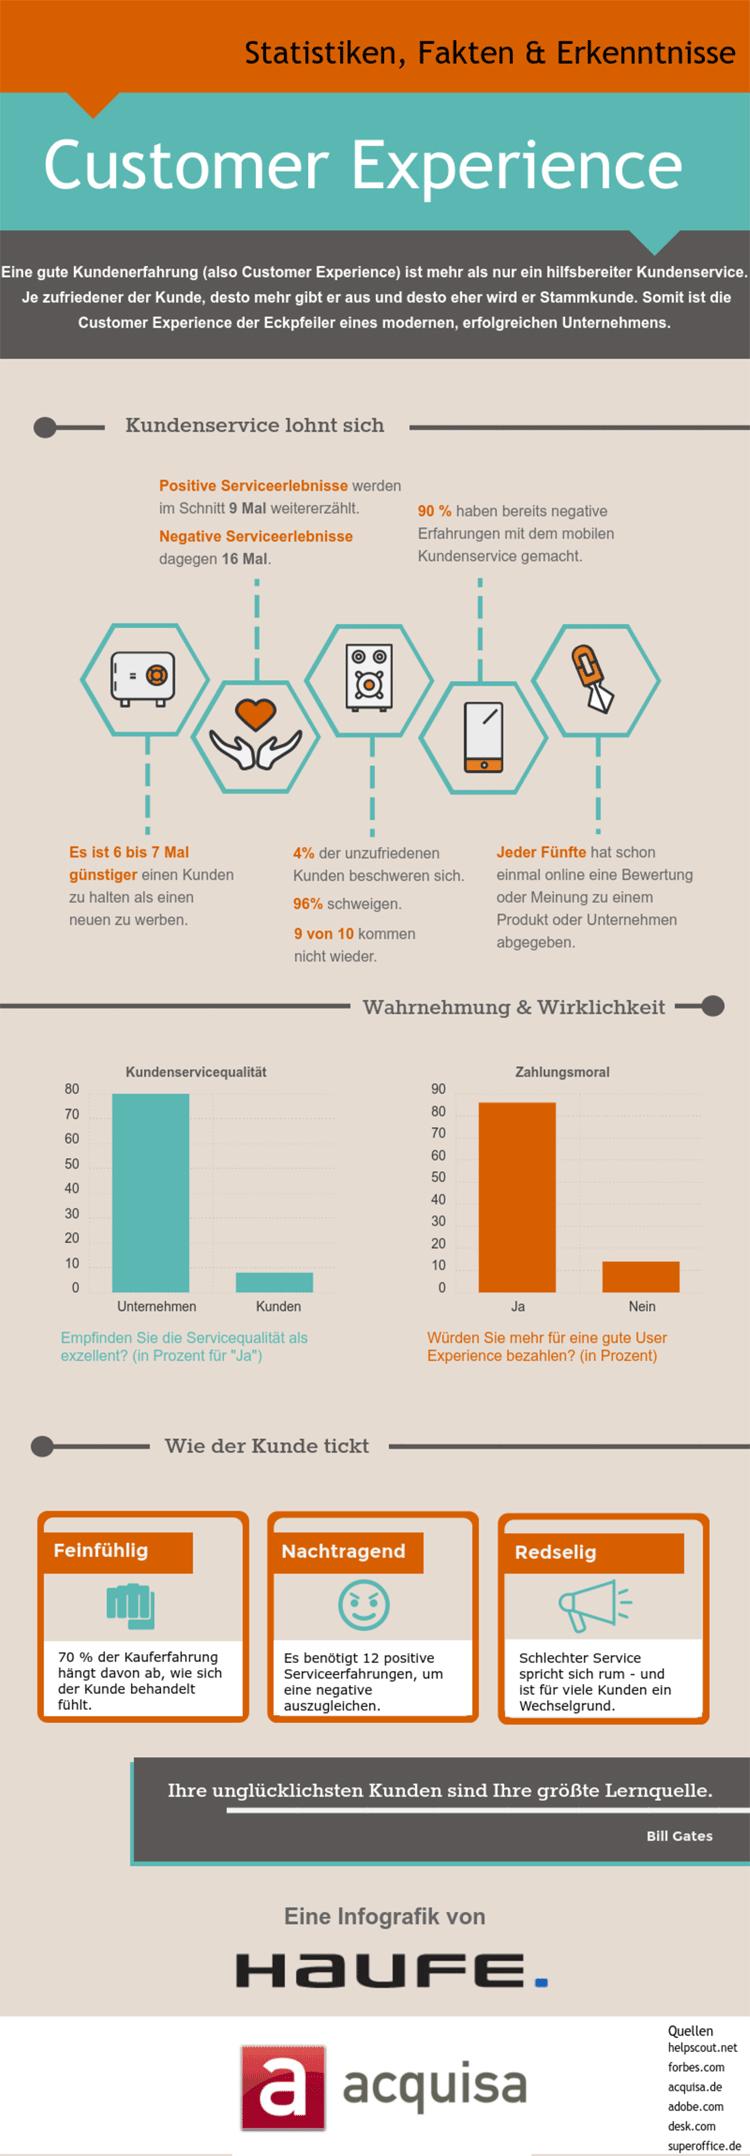 Infografik: 10 Fakten zu Customer Experience